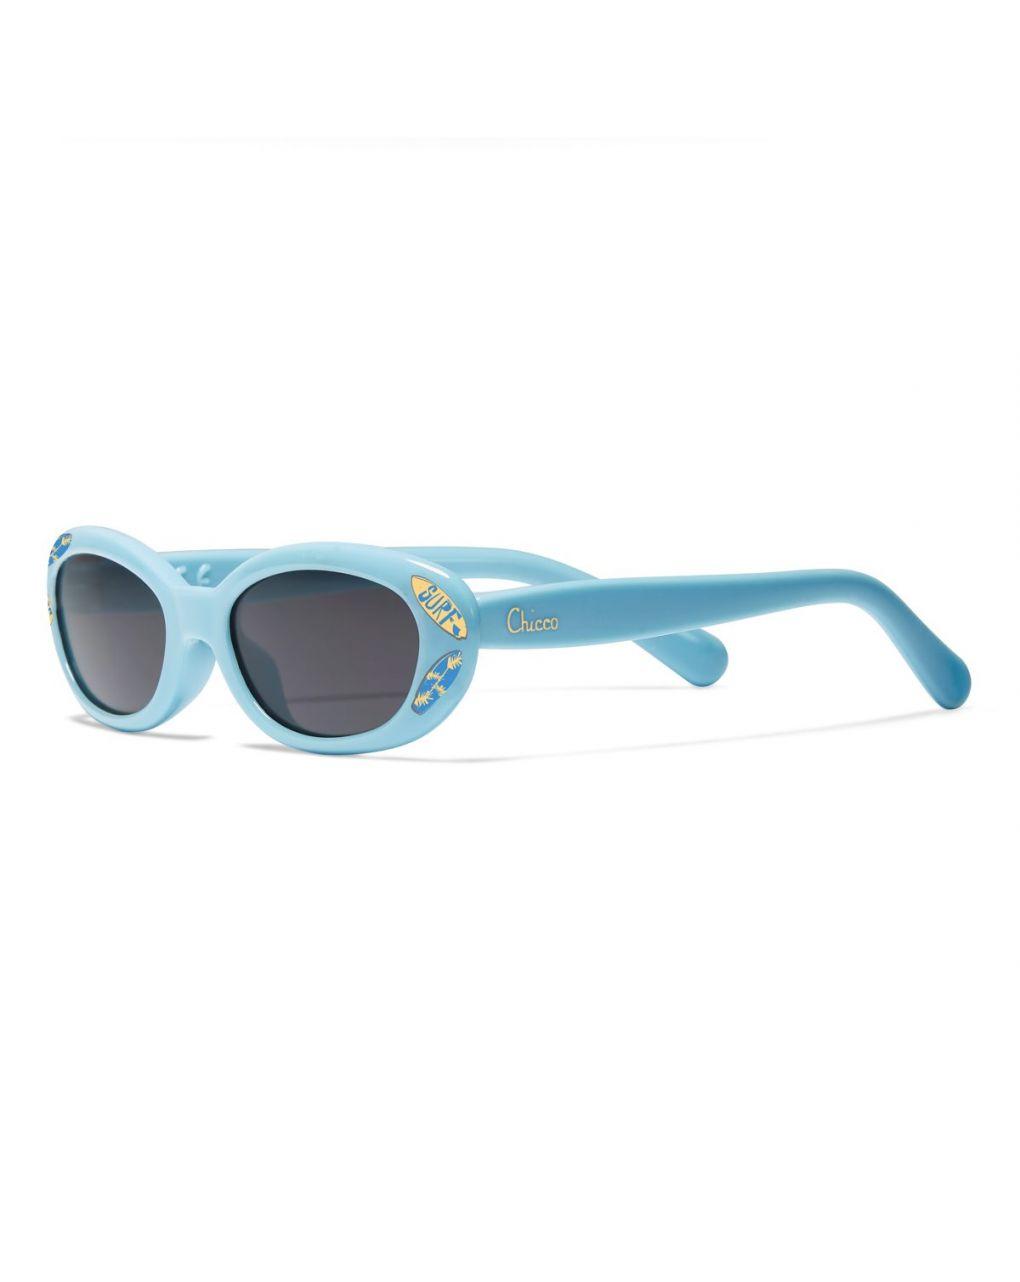 Chicco occhiali da sole 0m+ bimbo - Chicco